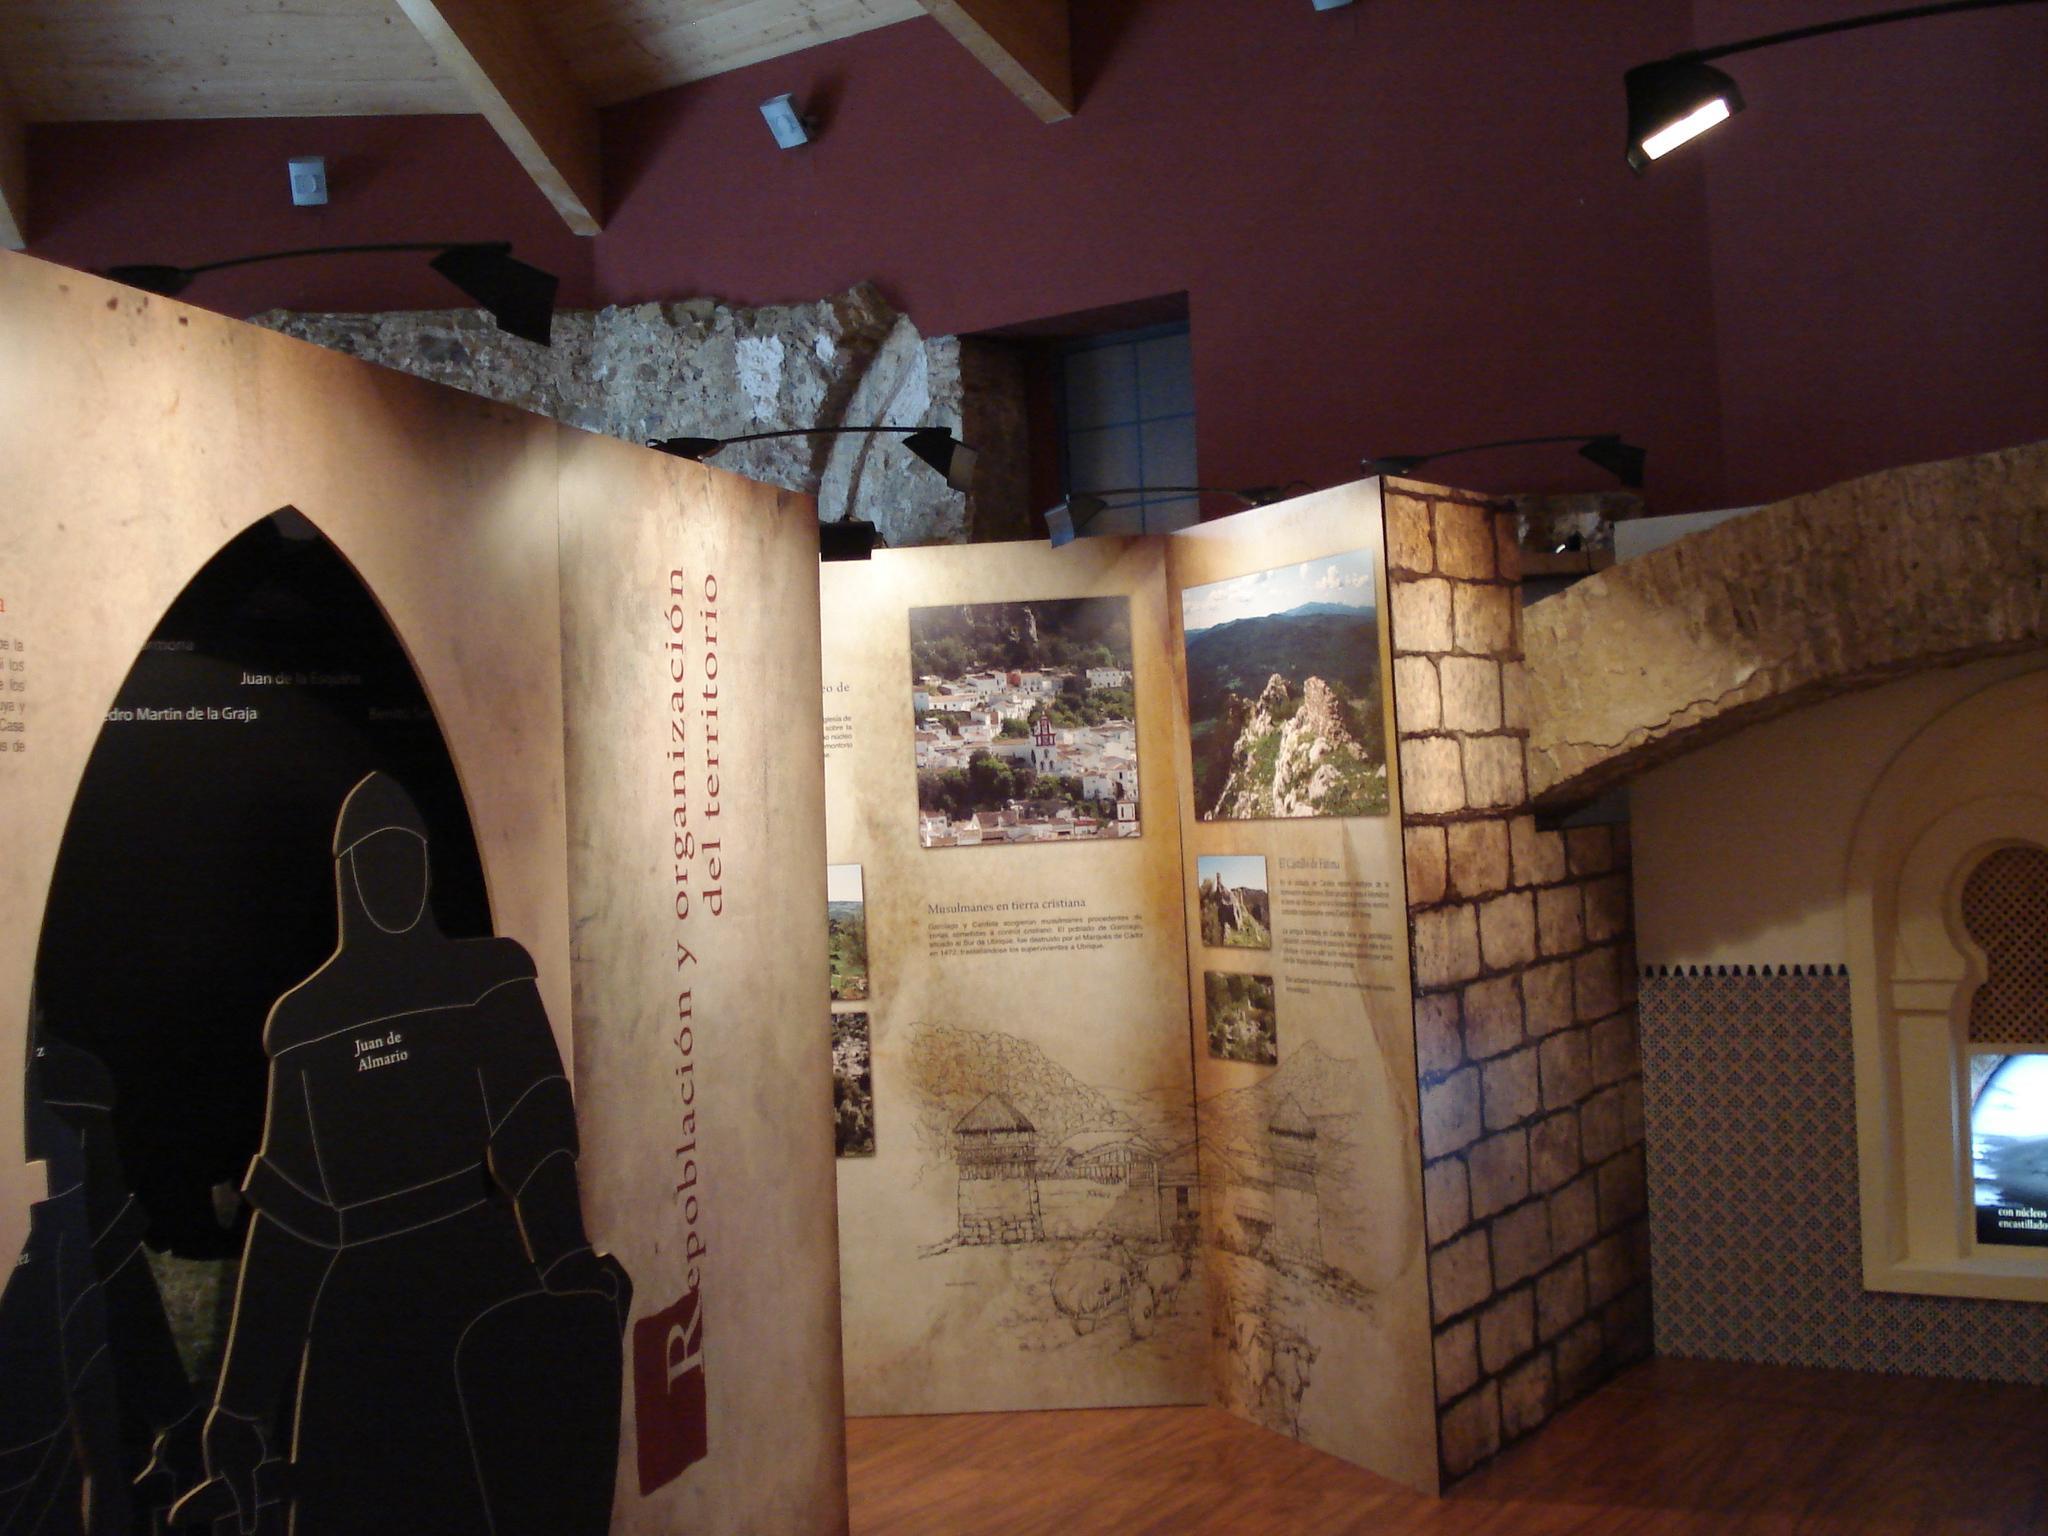 Centro de Interpretación de la Historia de Ubrique - Ermita de San Juan de Letrán